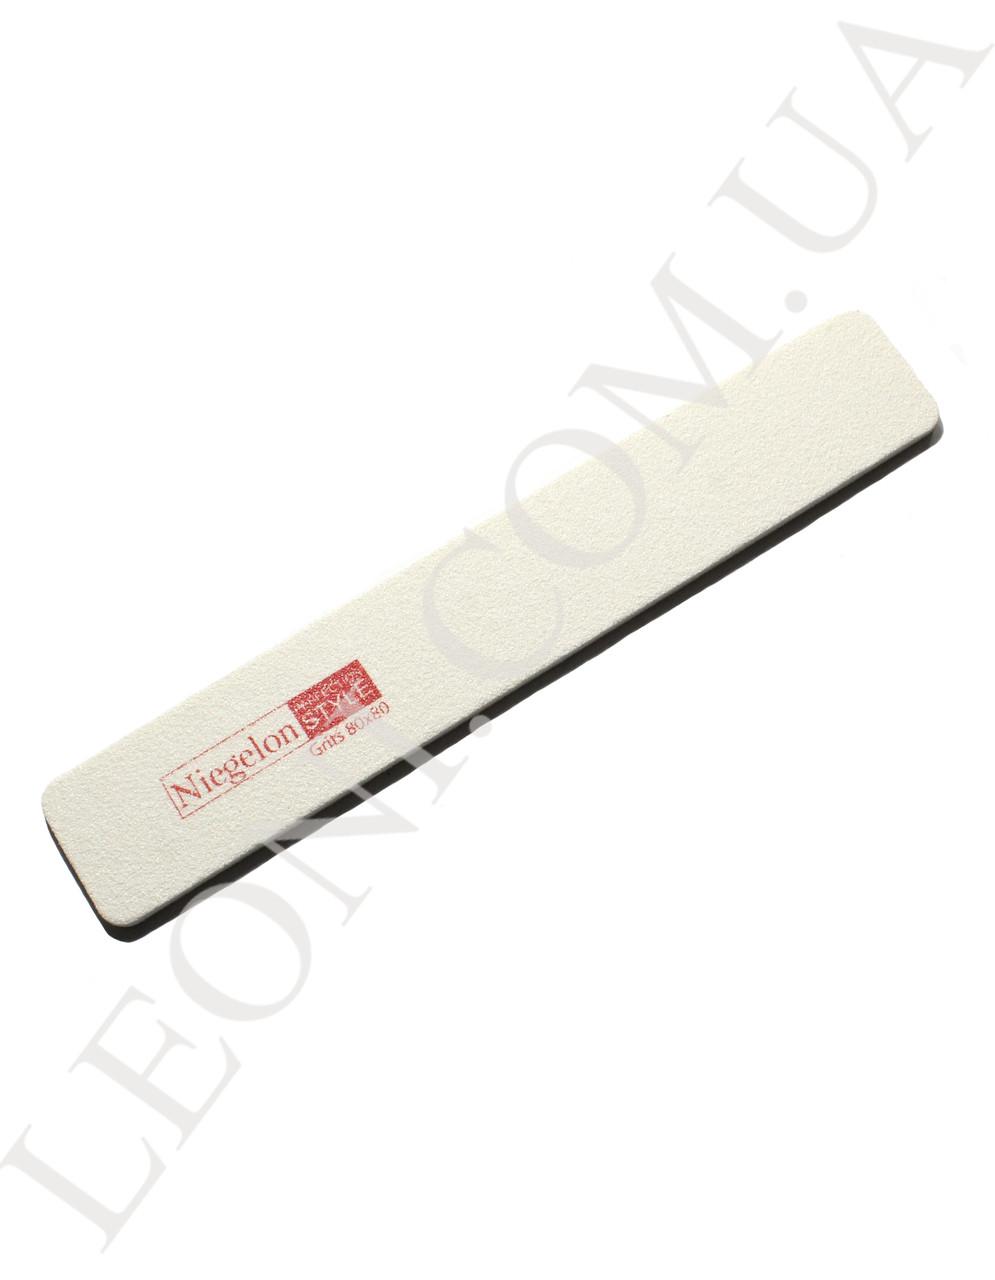 Мягкая пилочка для ногтей Niegelon 80/80 прямоугольная белая